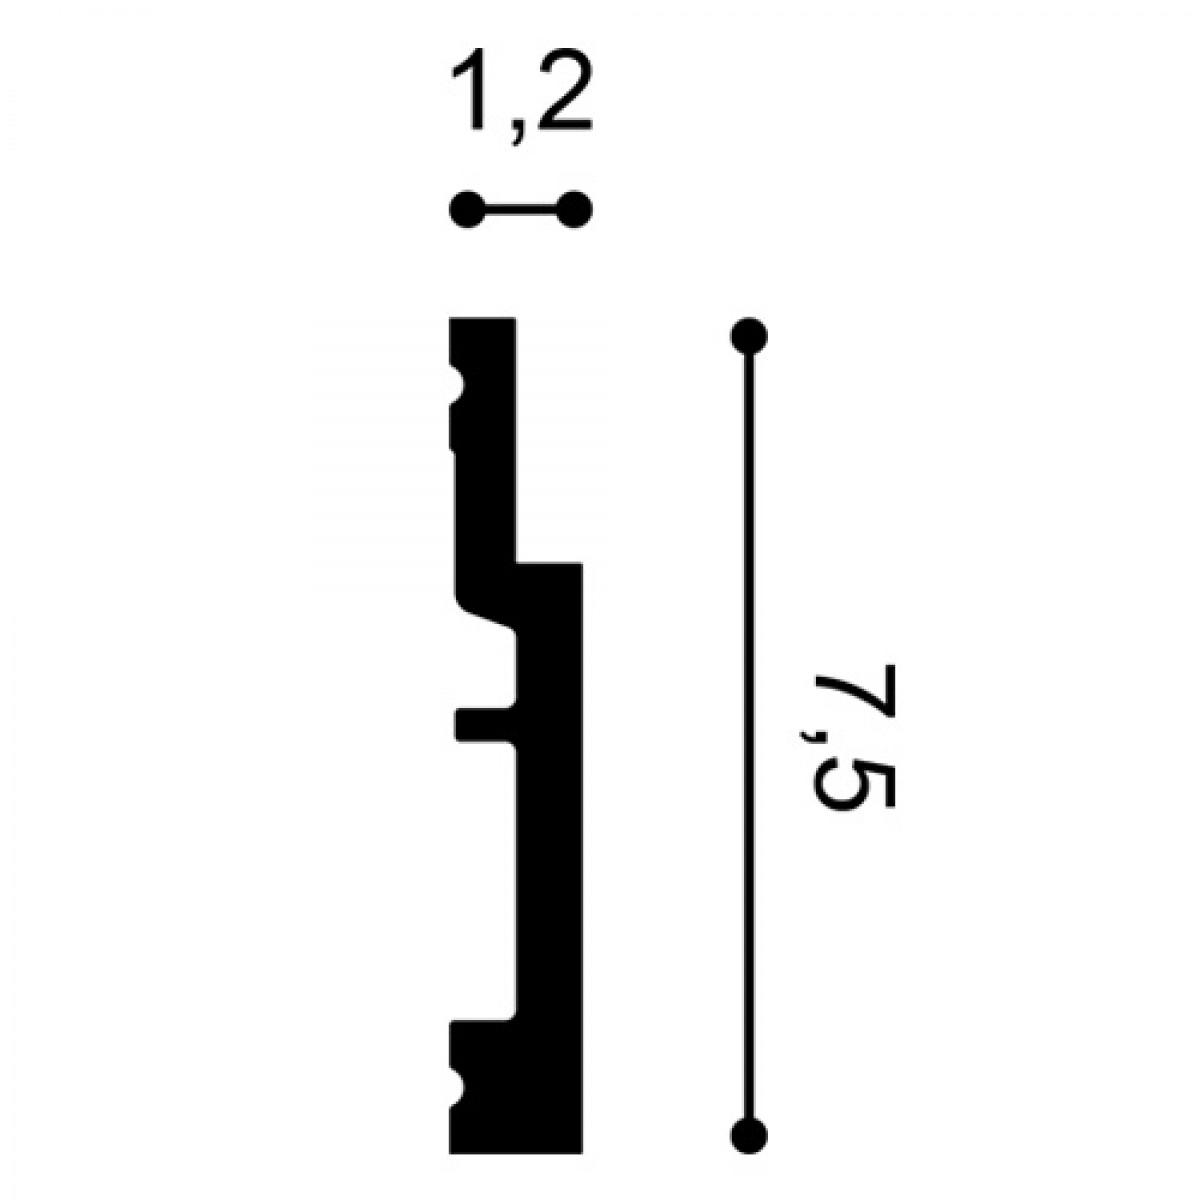 Plinta Flex Modern SX187F, Dimensiuni: 200 X 1.2 X 7.5 cm, Orac Decor